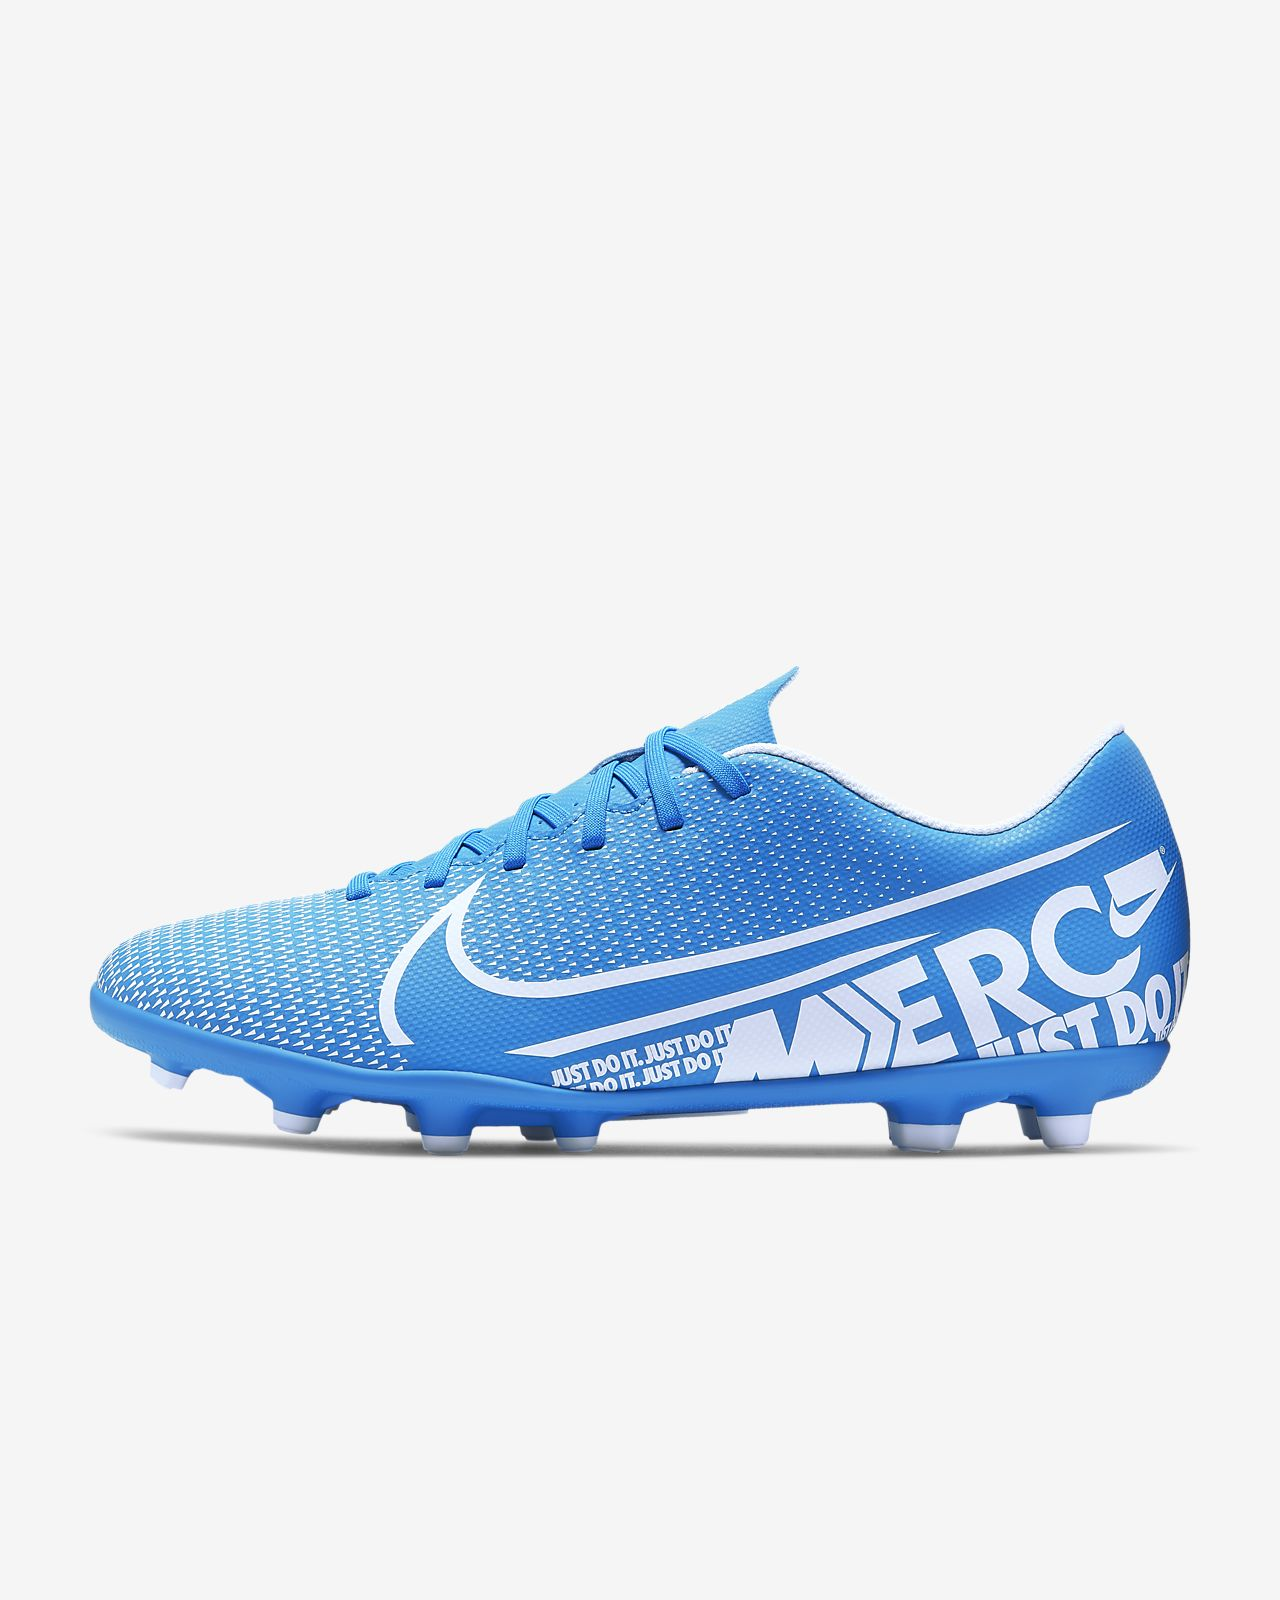 Fotbollssko för varierat underlag Nike Mercurial Vapor 13 Club MG